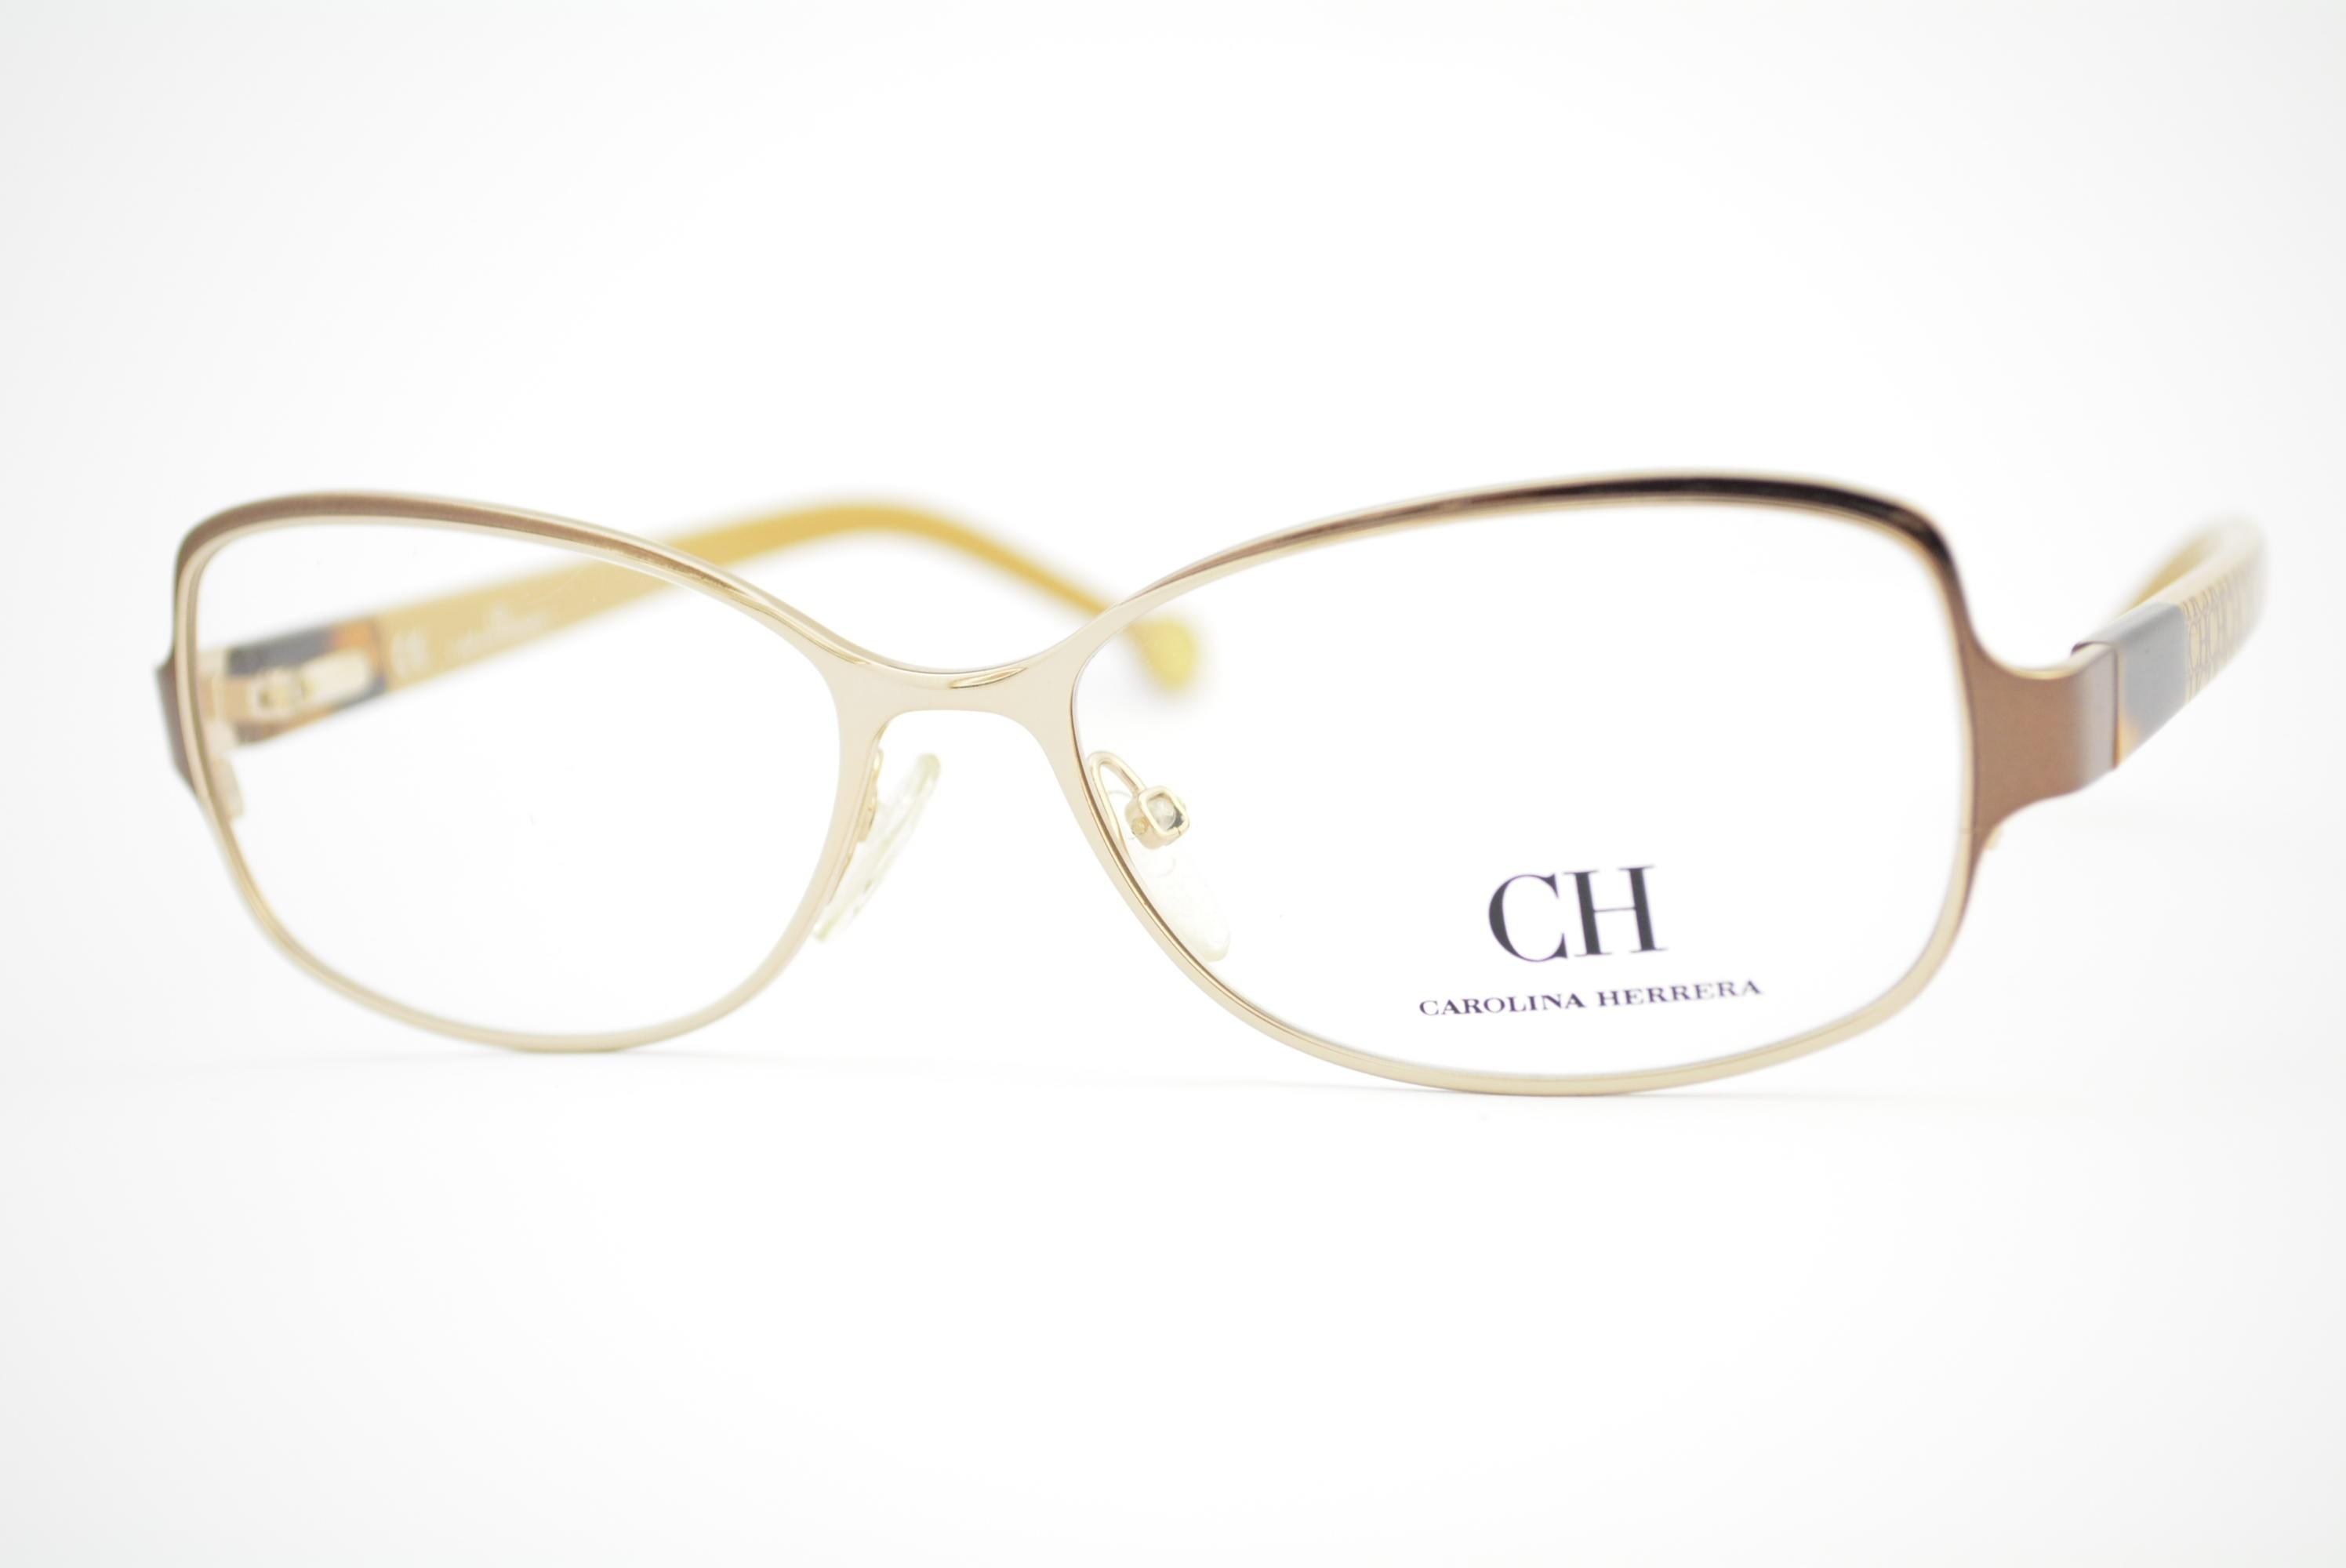 armação de óculos Carolina Herrera mod vhe022 col.OR26 Ótica Cardoso 24619ba133